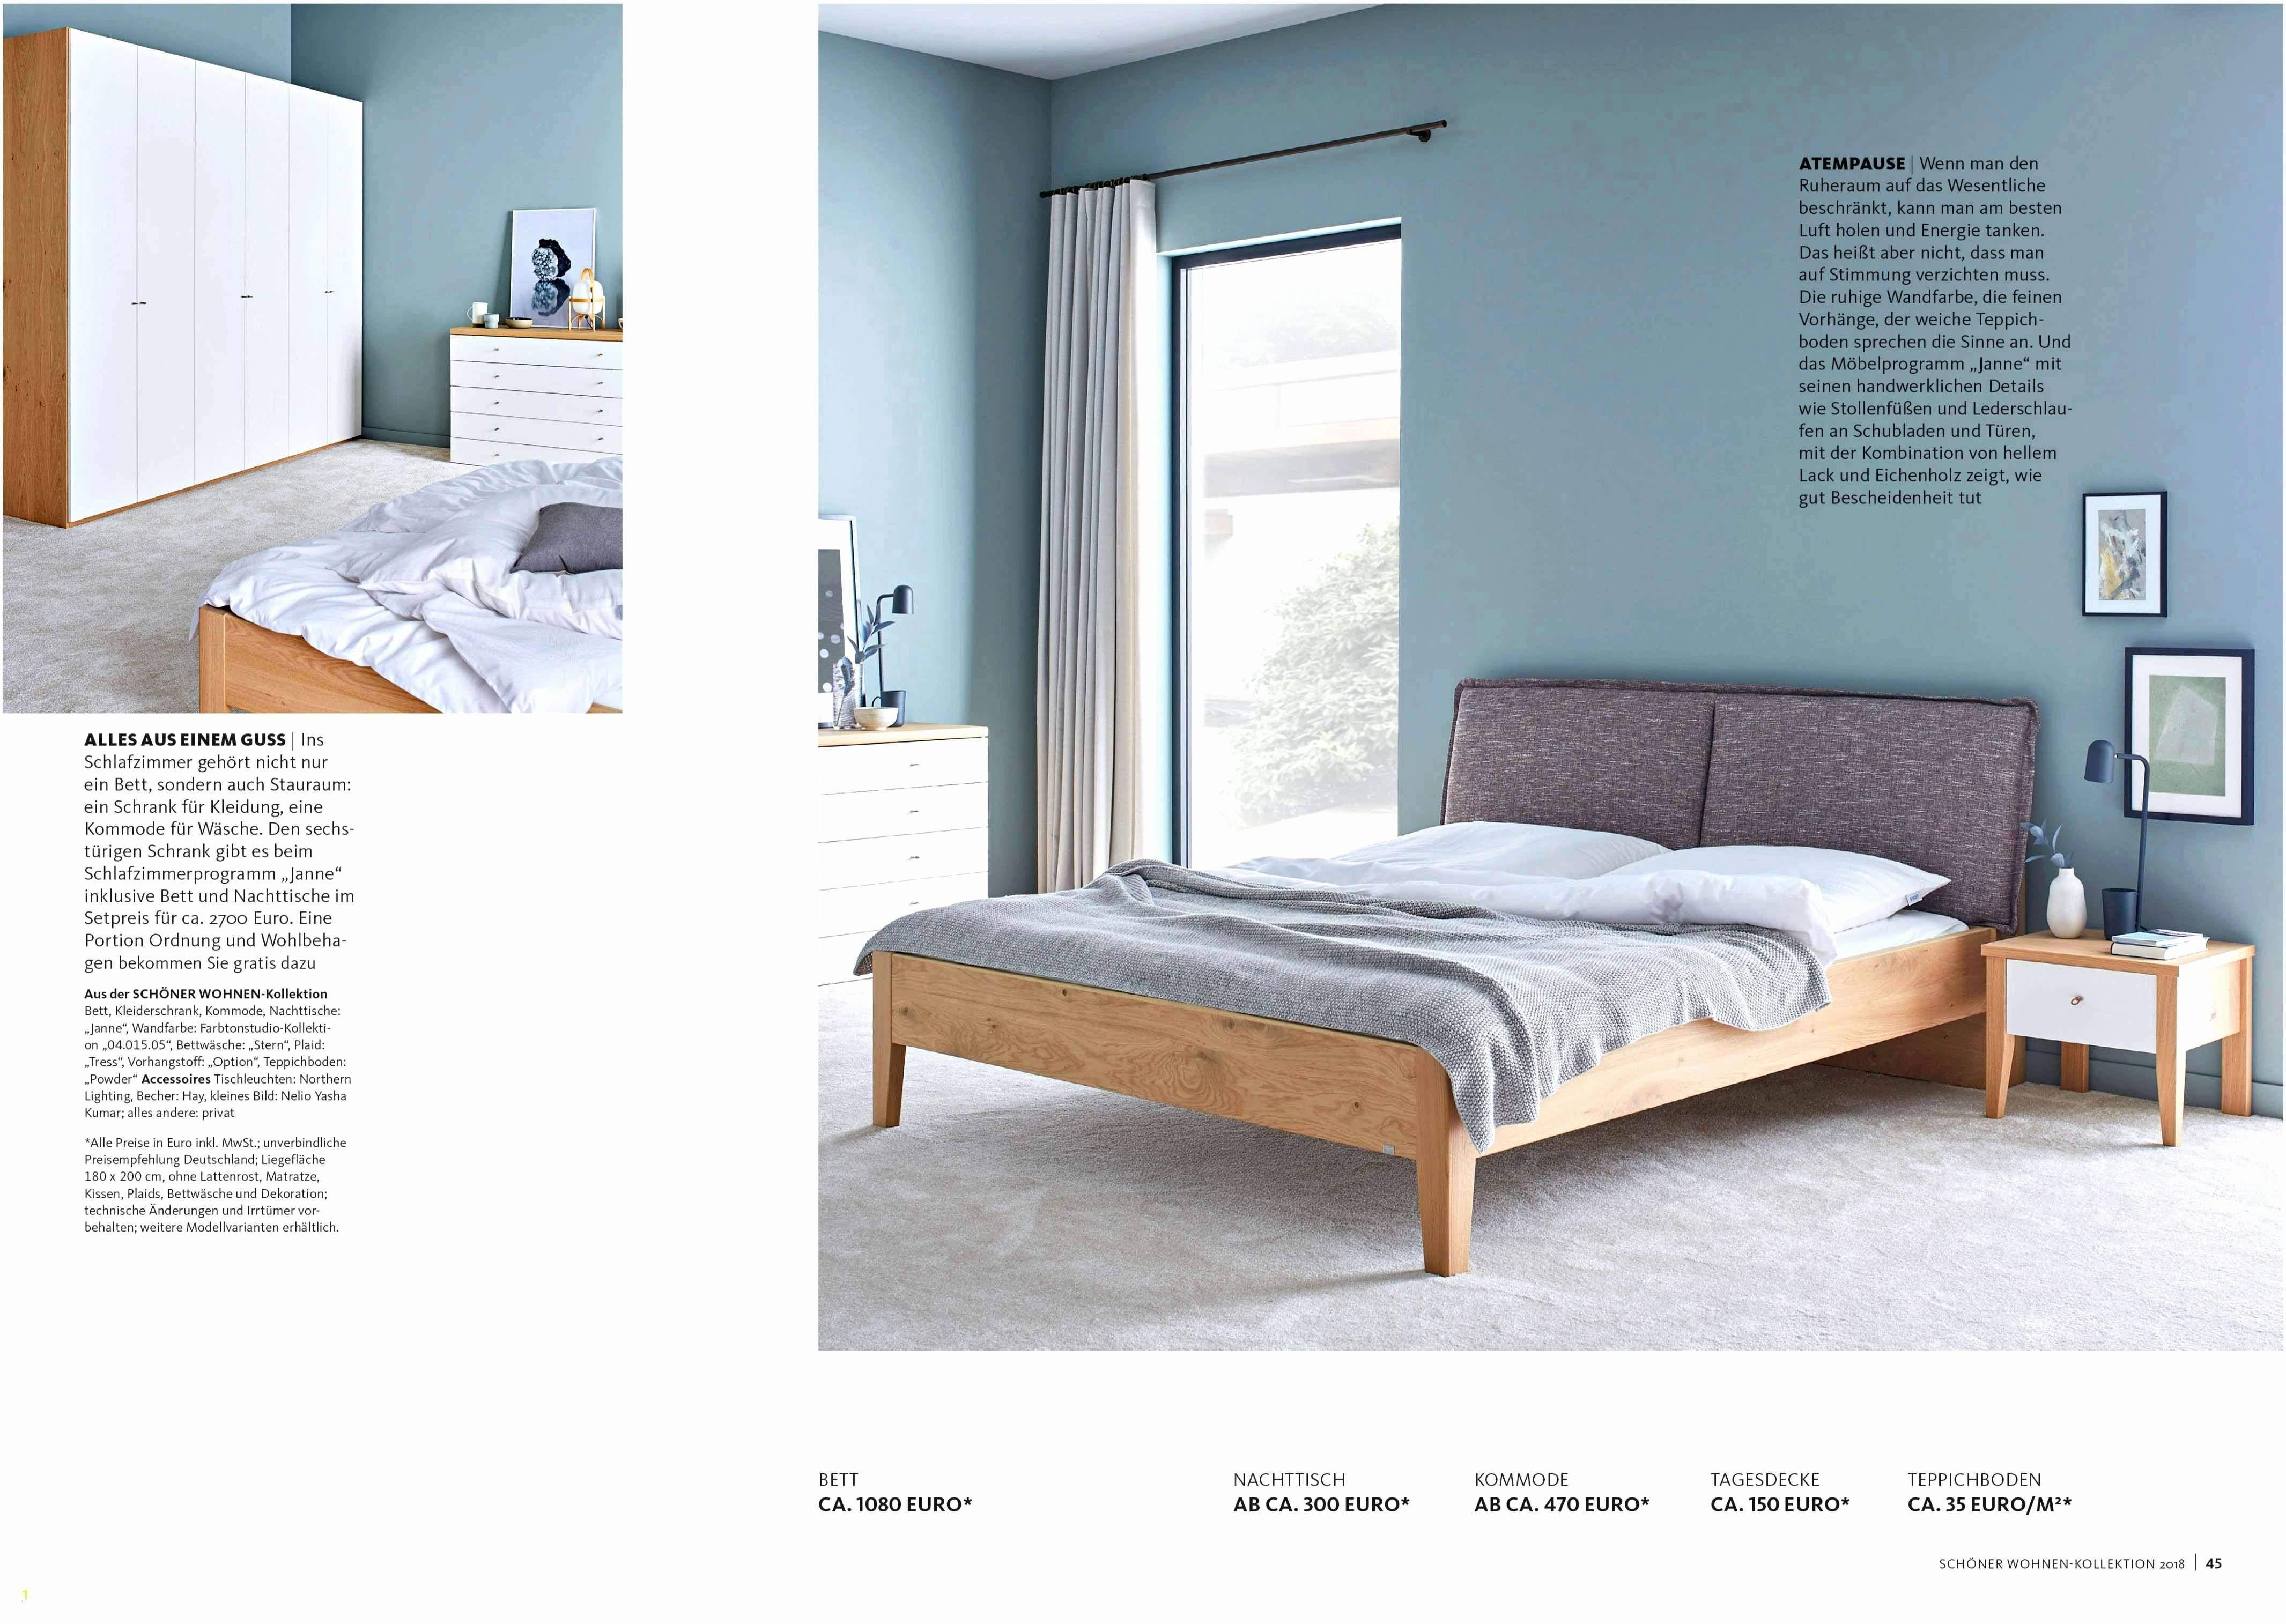 Fine Schlafzimmer Ideen Zum Selber Machen That You Must Know